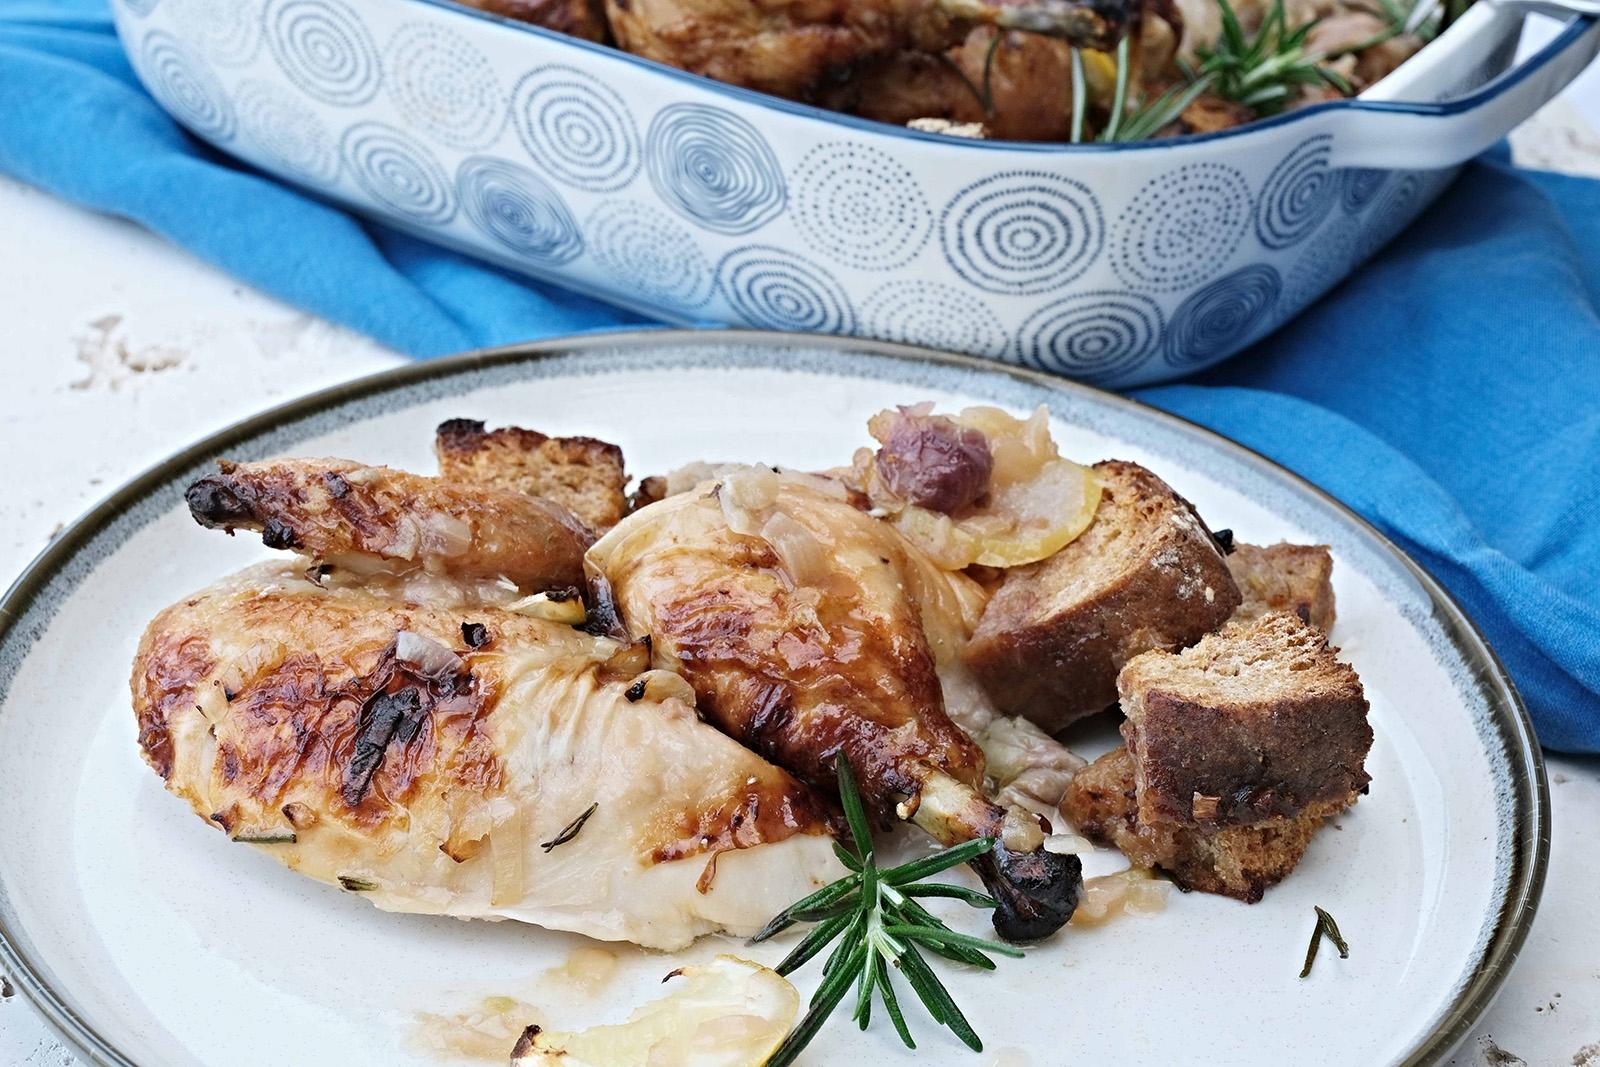 Recept je perfektní návod, jak nakrmit rodinu, přátele anebo přímo velké davy při nějaké letní párty